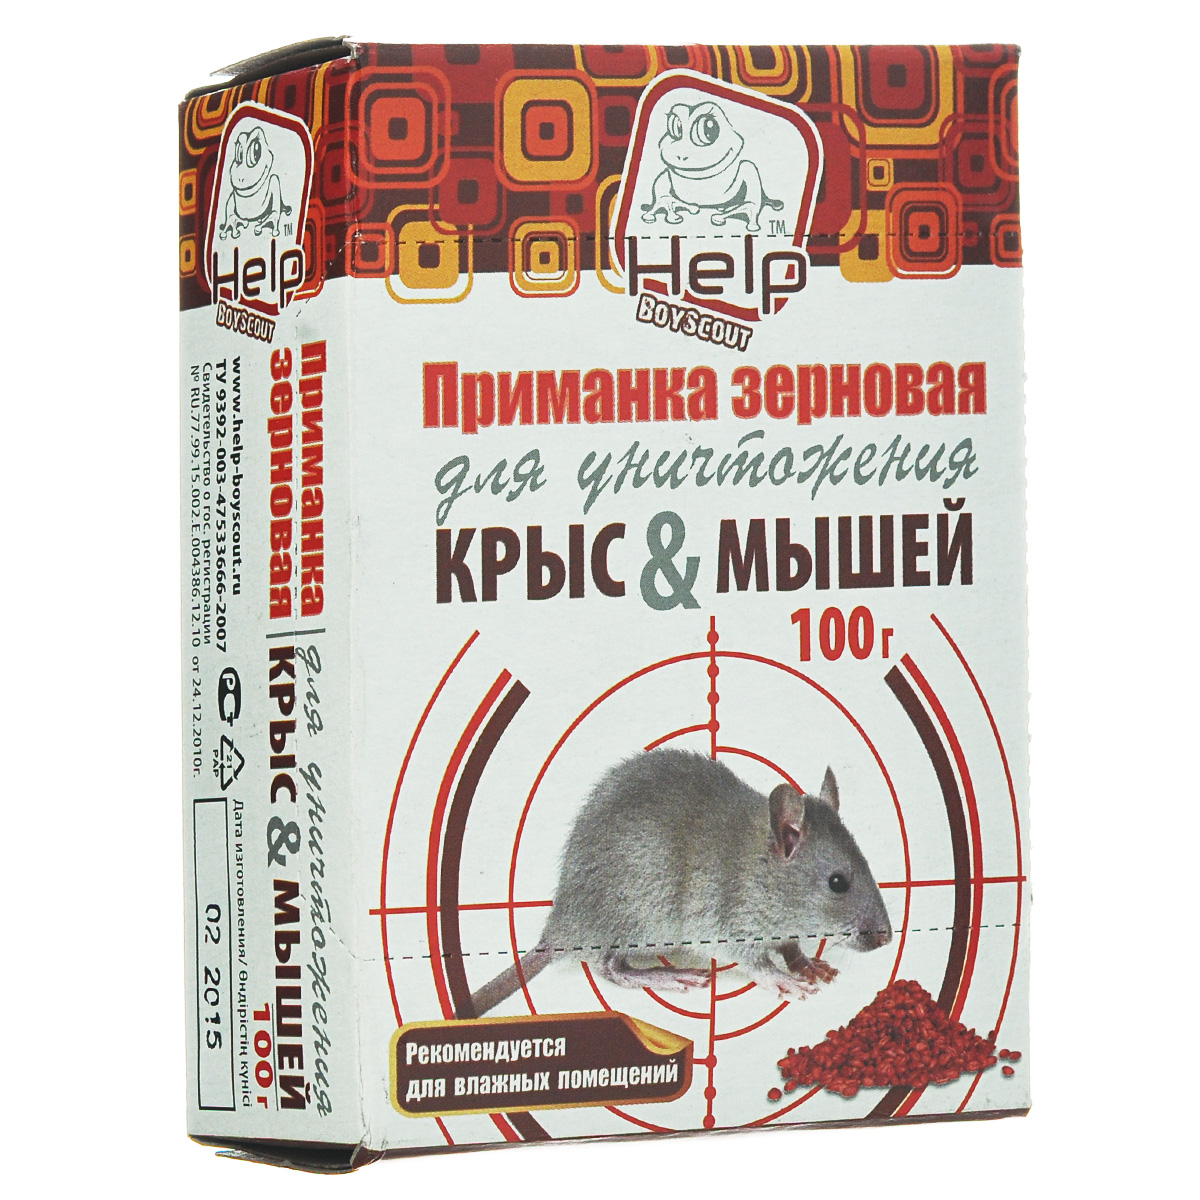 Приманка зерновая HELP для уничтожения крыс и мышей, 100 г средство защитное грызунофф зерновая приманка 100 г в пакете и коробочке